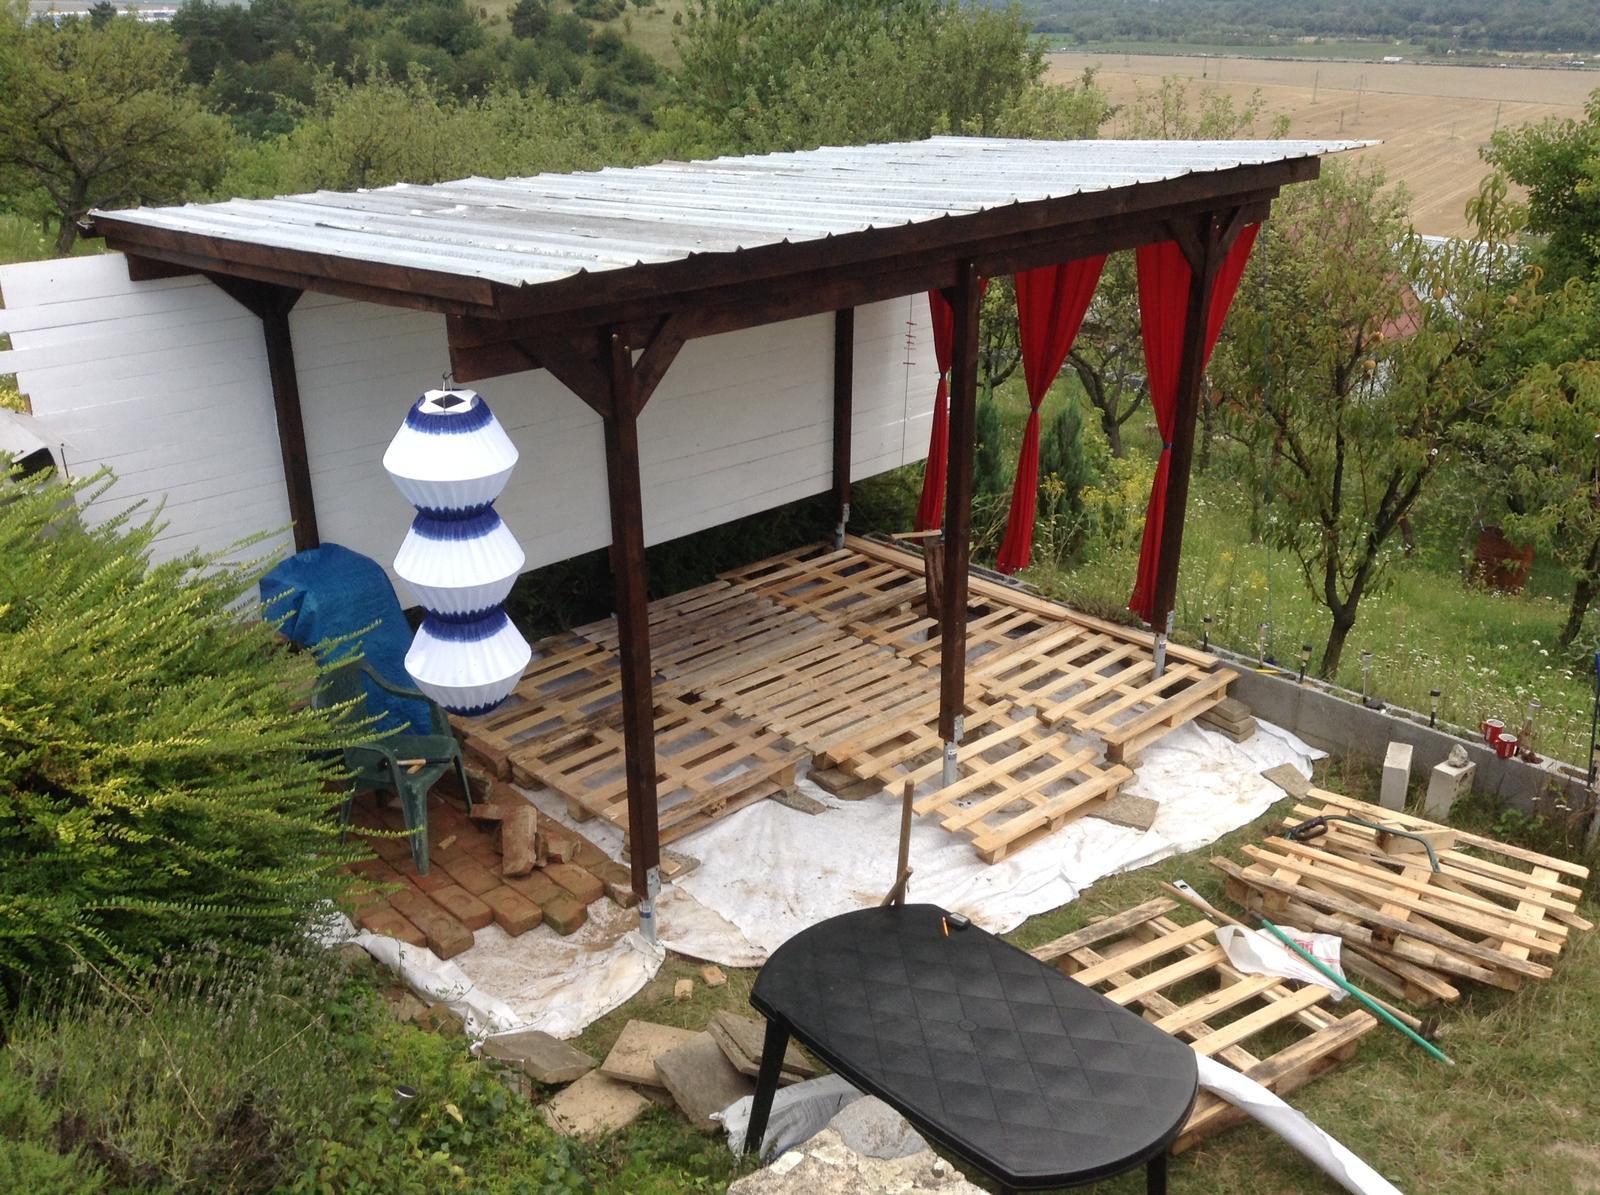 Domček - stavba altánku - pomaly rošt rastie ;)